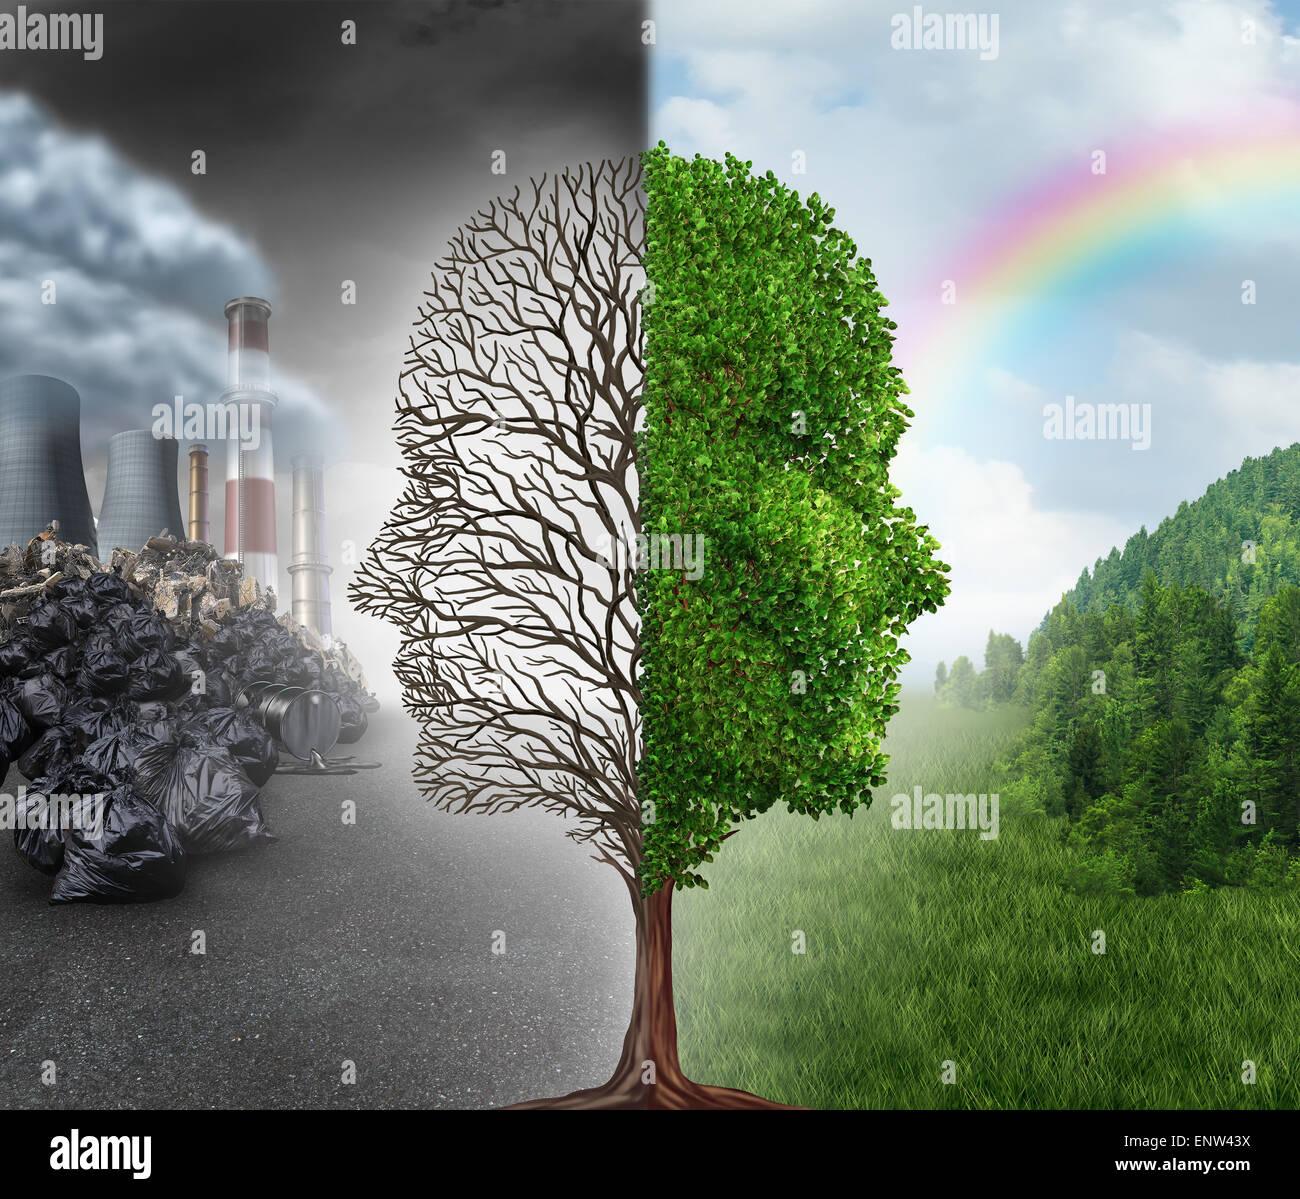 Cambiamento di ambiente e riscaldamento globale concetto ambientale come una scena tagliata in due con una metà Immagini Stock